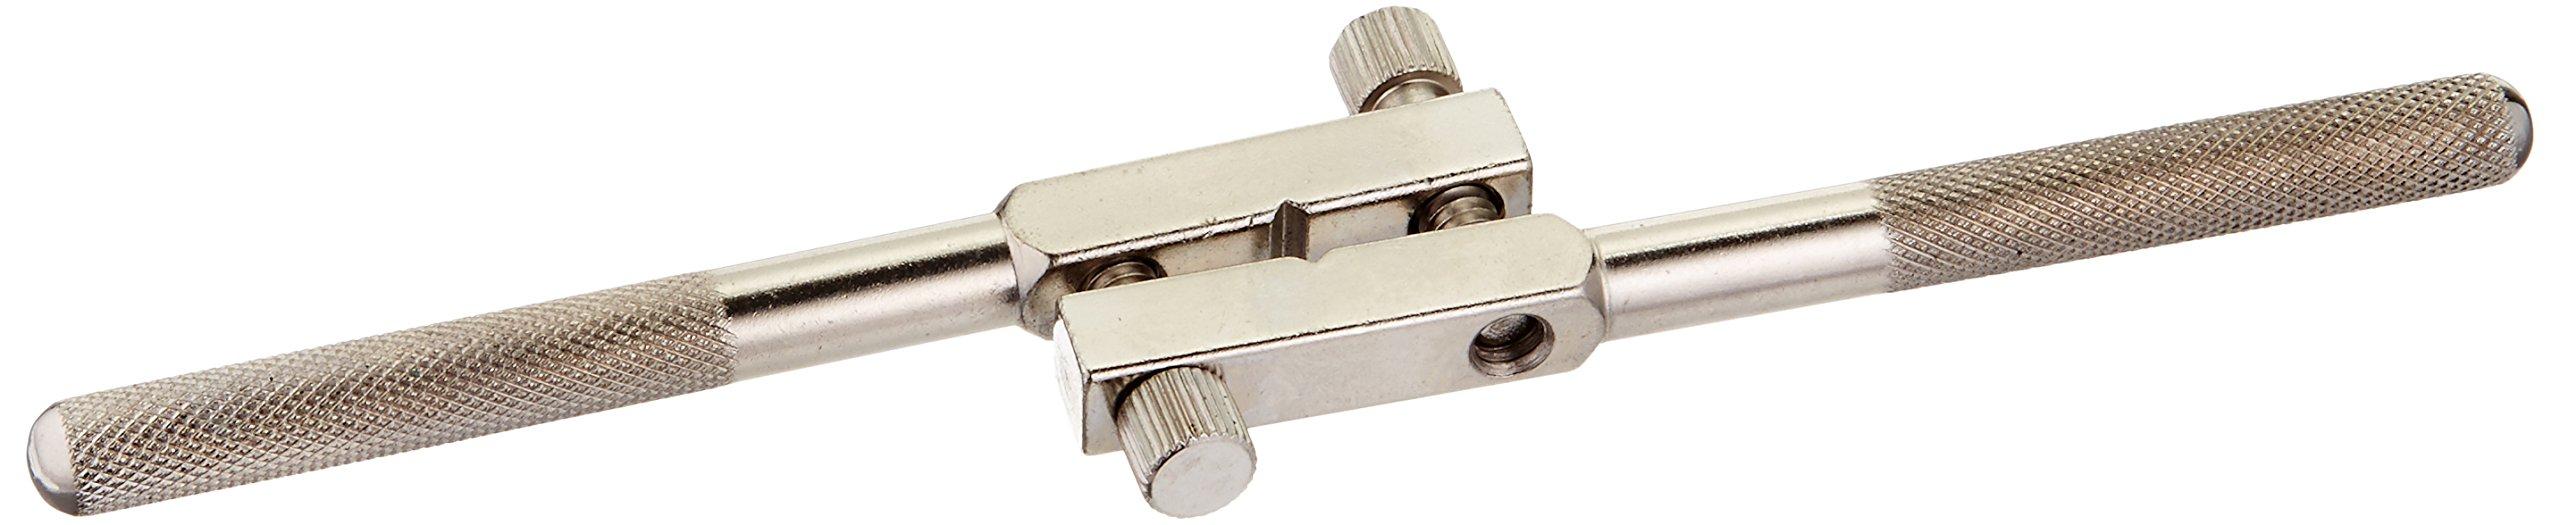 Irwin Tools 12421 Irwin Offset Handle Adjustable Tap & Reamer Wrenches - TR-21 Offset Handle Adjustable